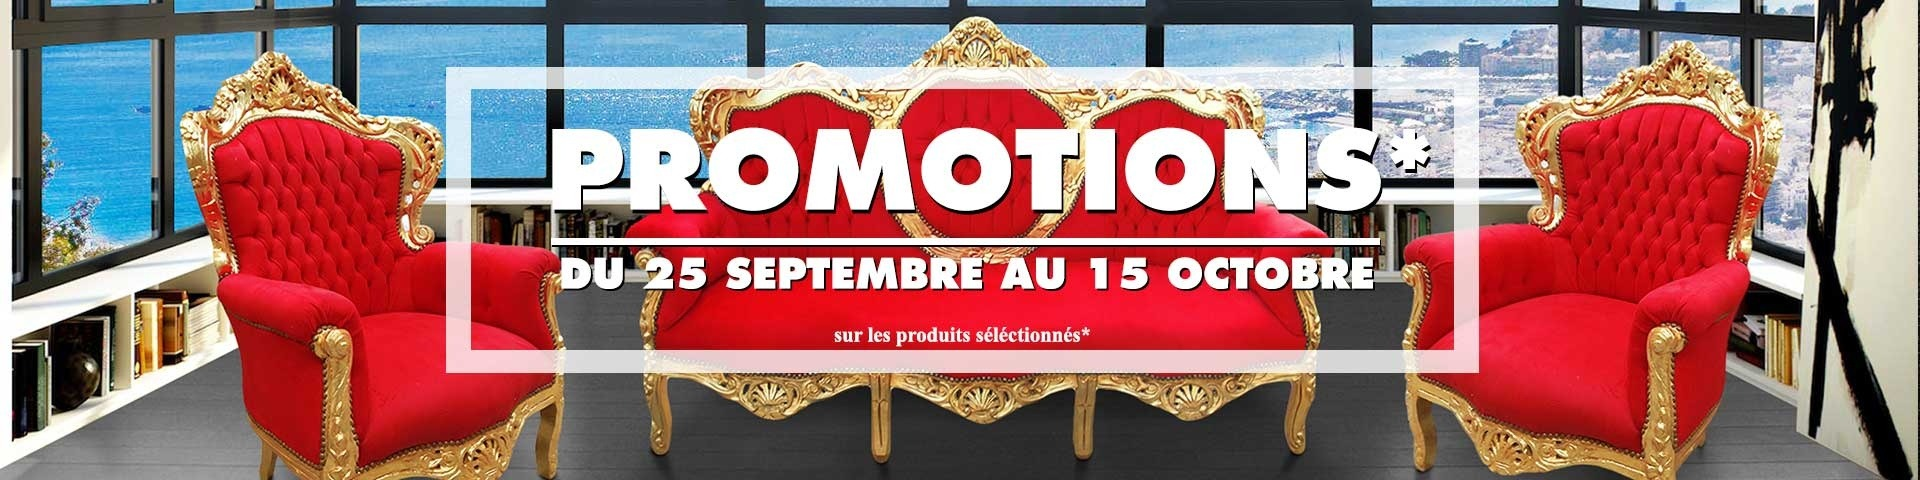 Promotions exceptionnelles Septembre 2017